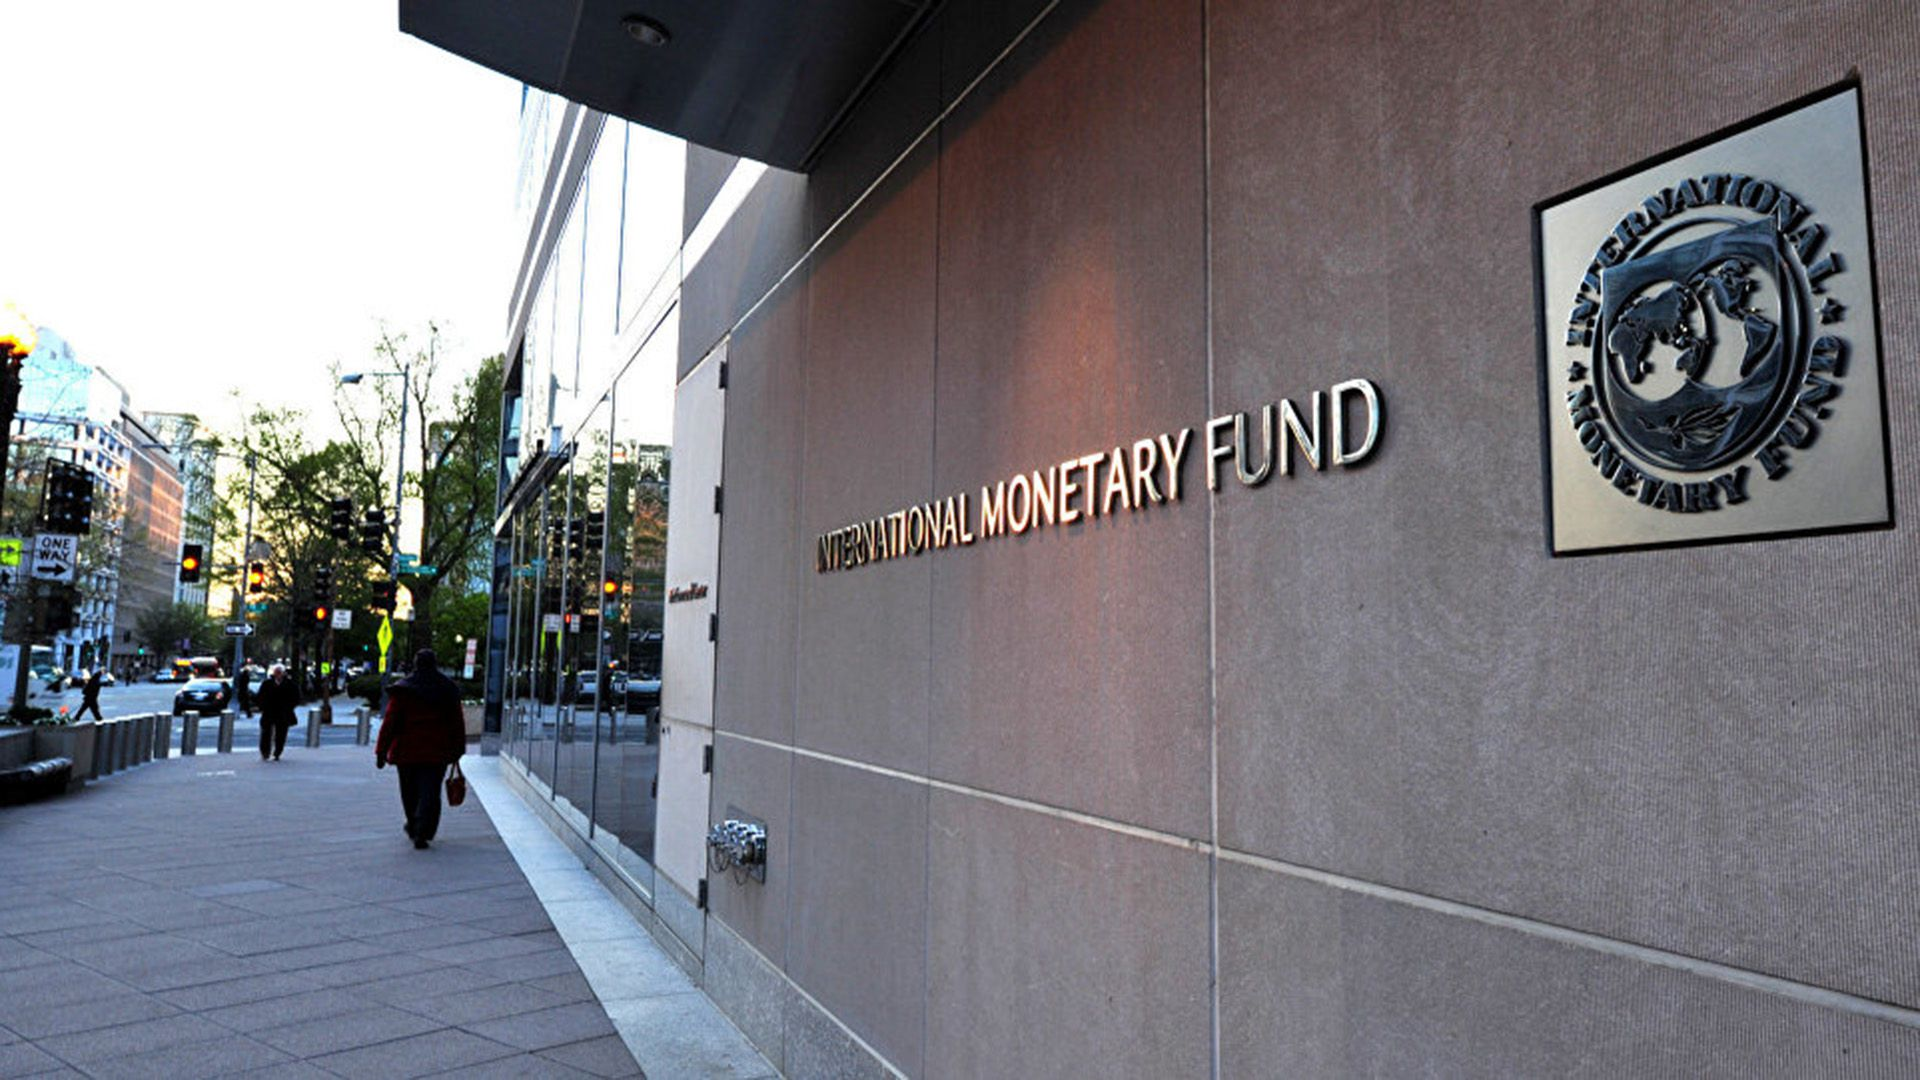 La Argentina tomó compromisos de deuda con el FMI por USD 57.000 millones, de los cuales ya recibió USD 44.000 millones